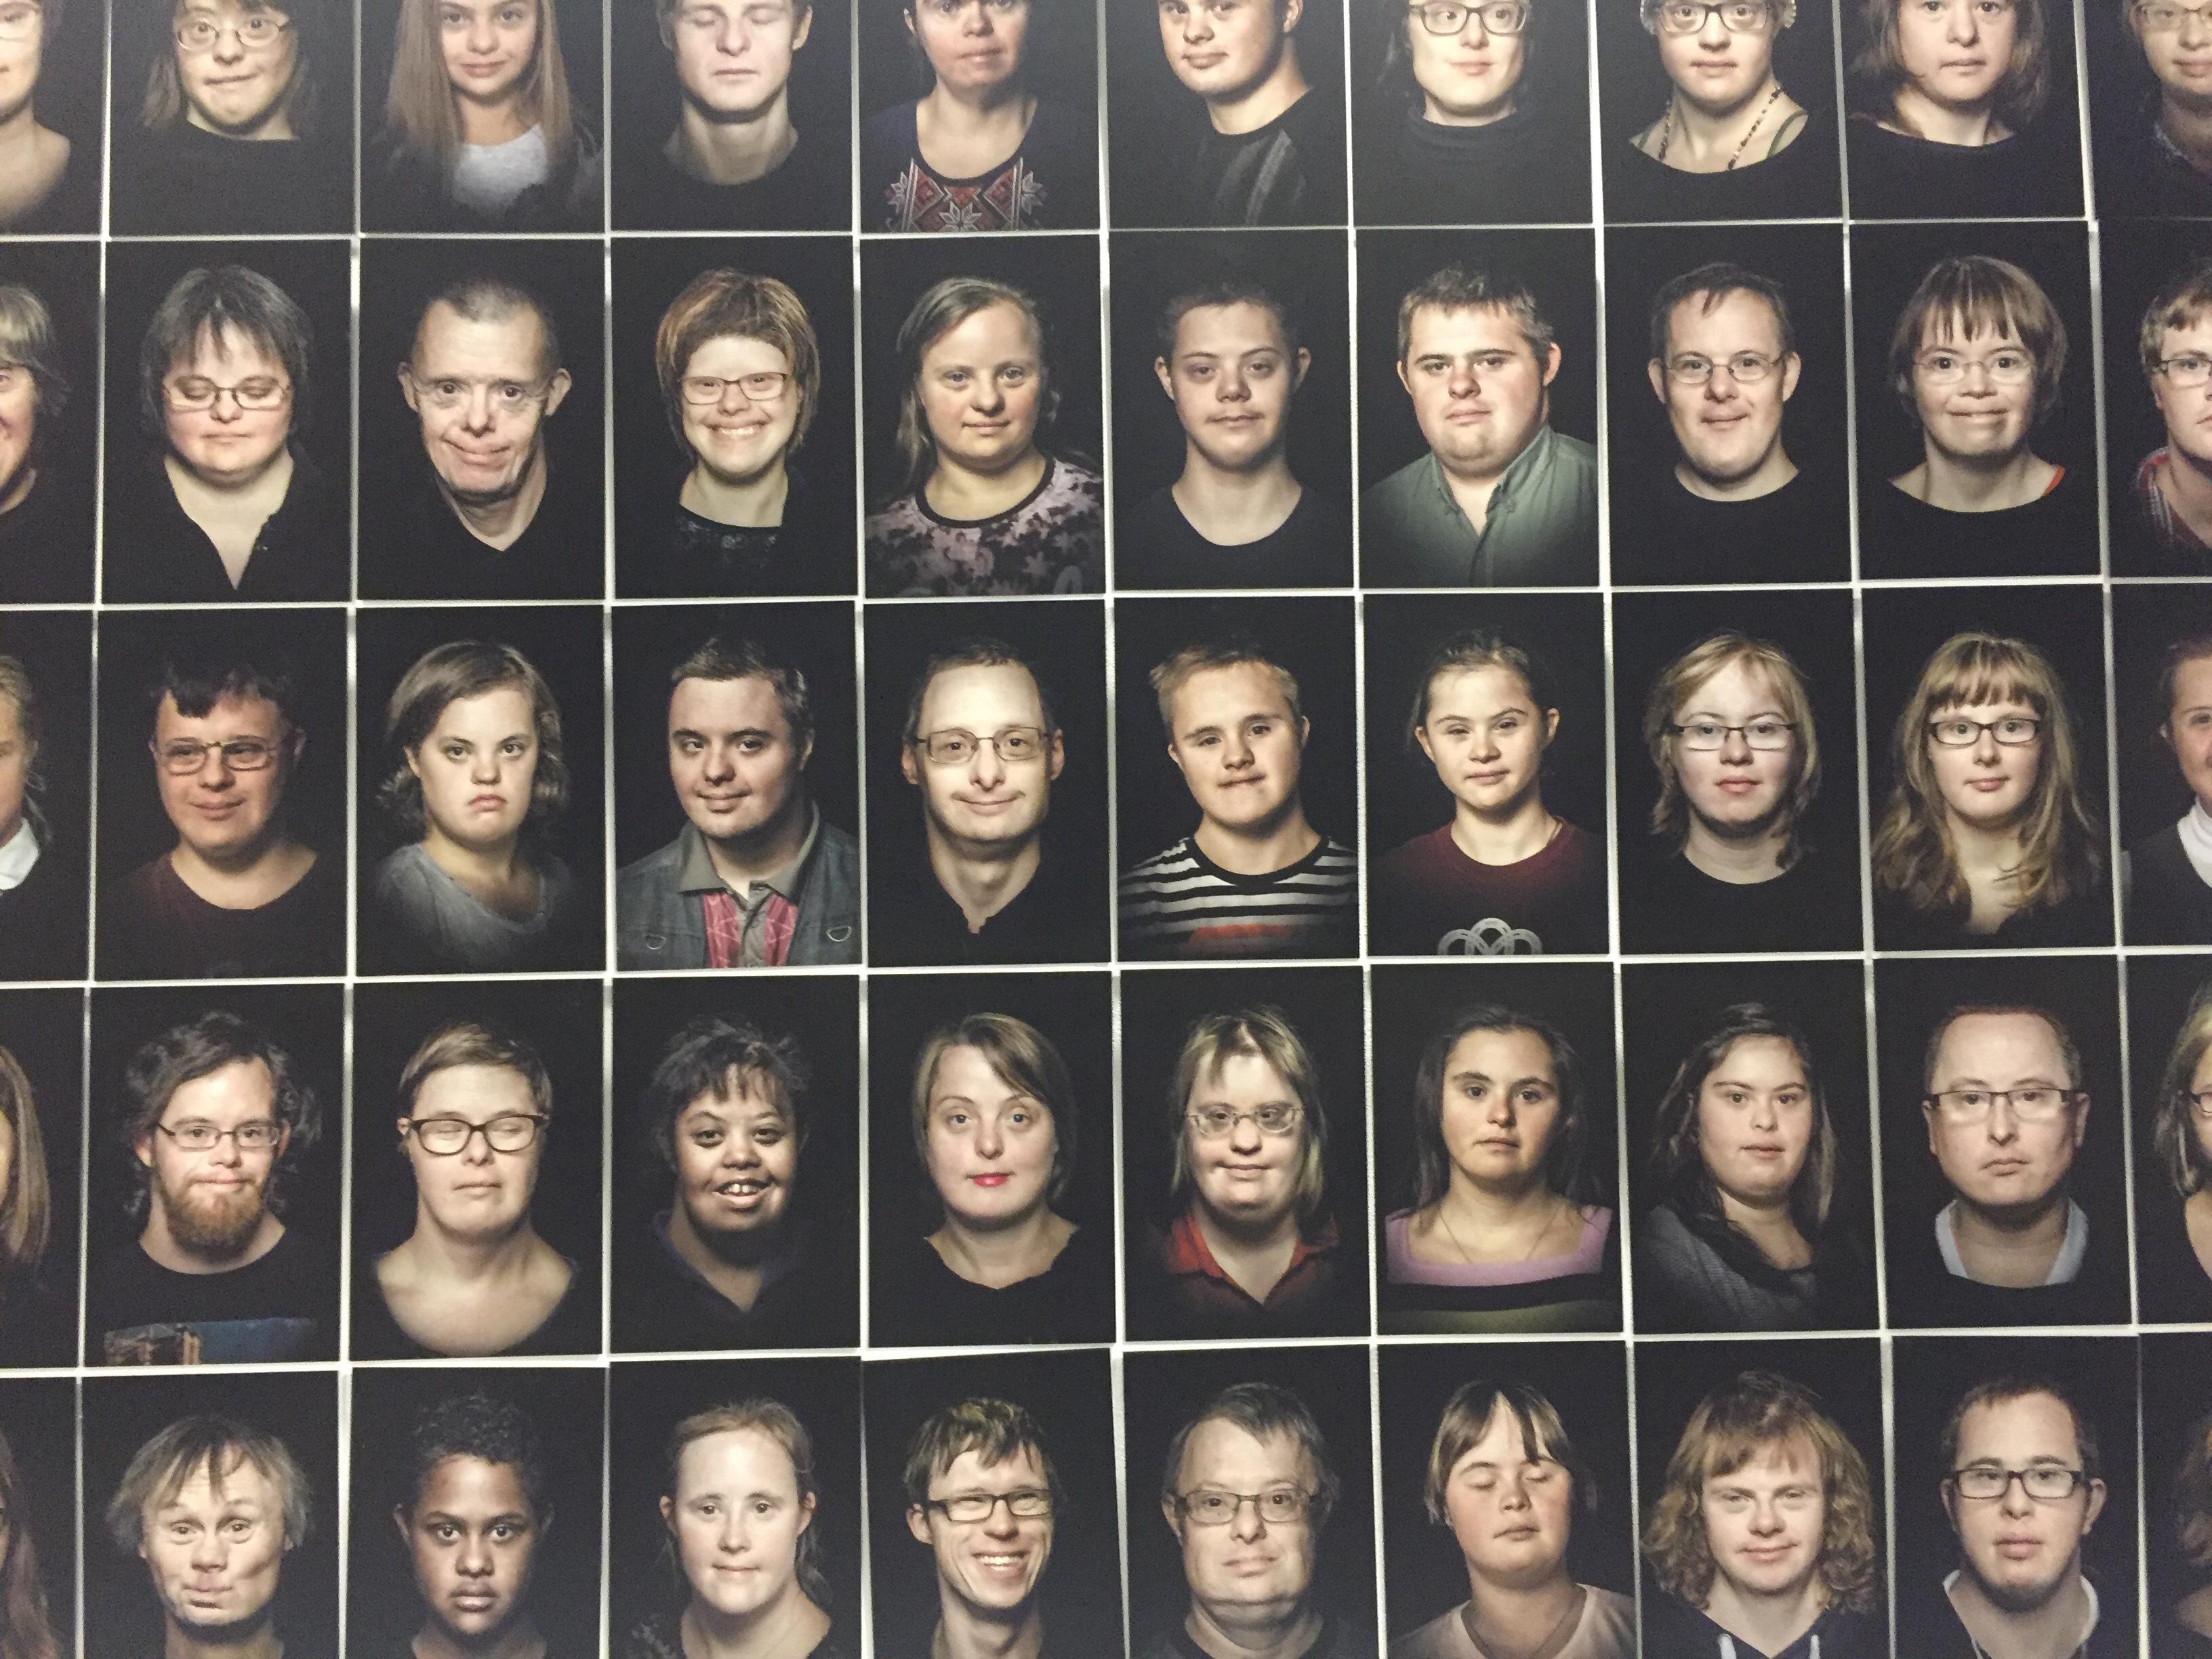 Бріт Шилінг. Портрети людей із синдромом Дауна, 2014-2018